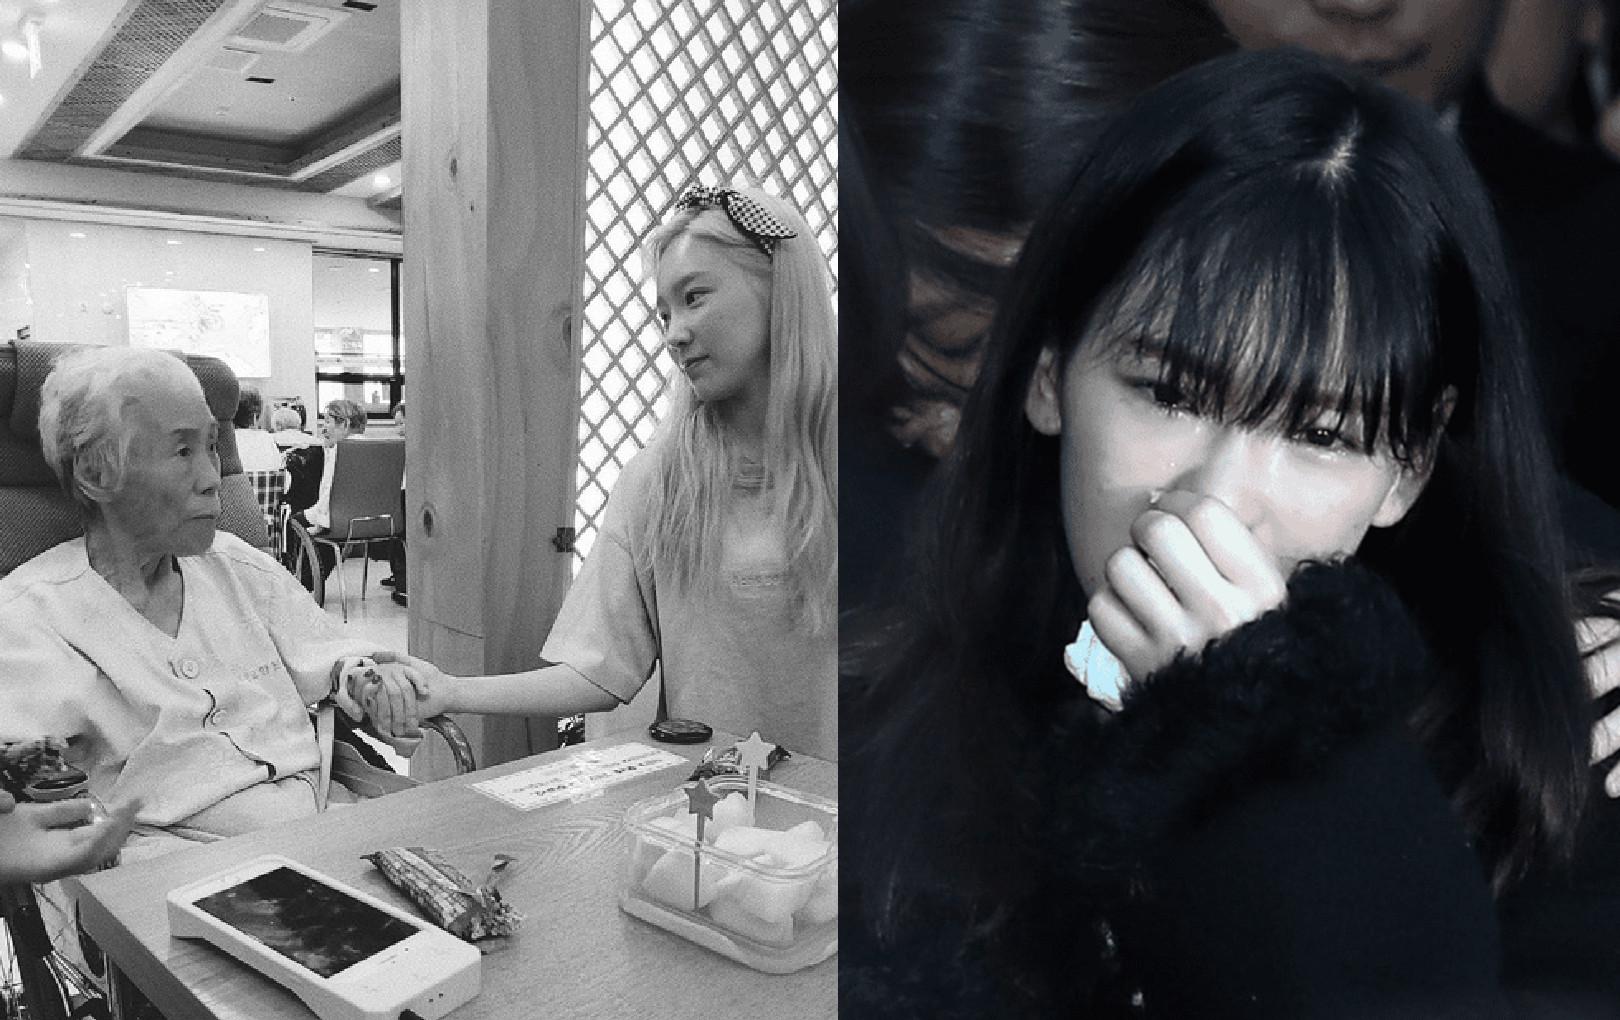 Bà Taeyeon (SNSD) qua đời chỉ sau chưa đầy 2 tháng bố mất khiến fan xót xa